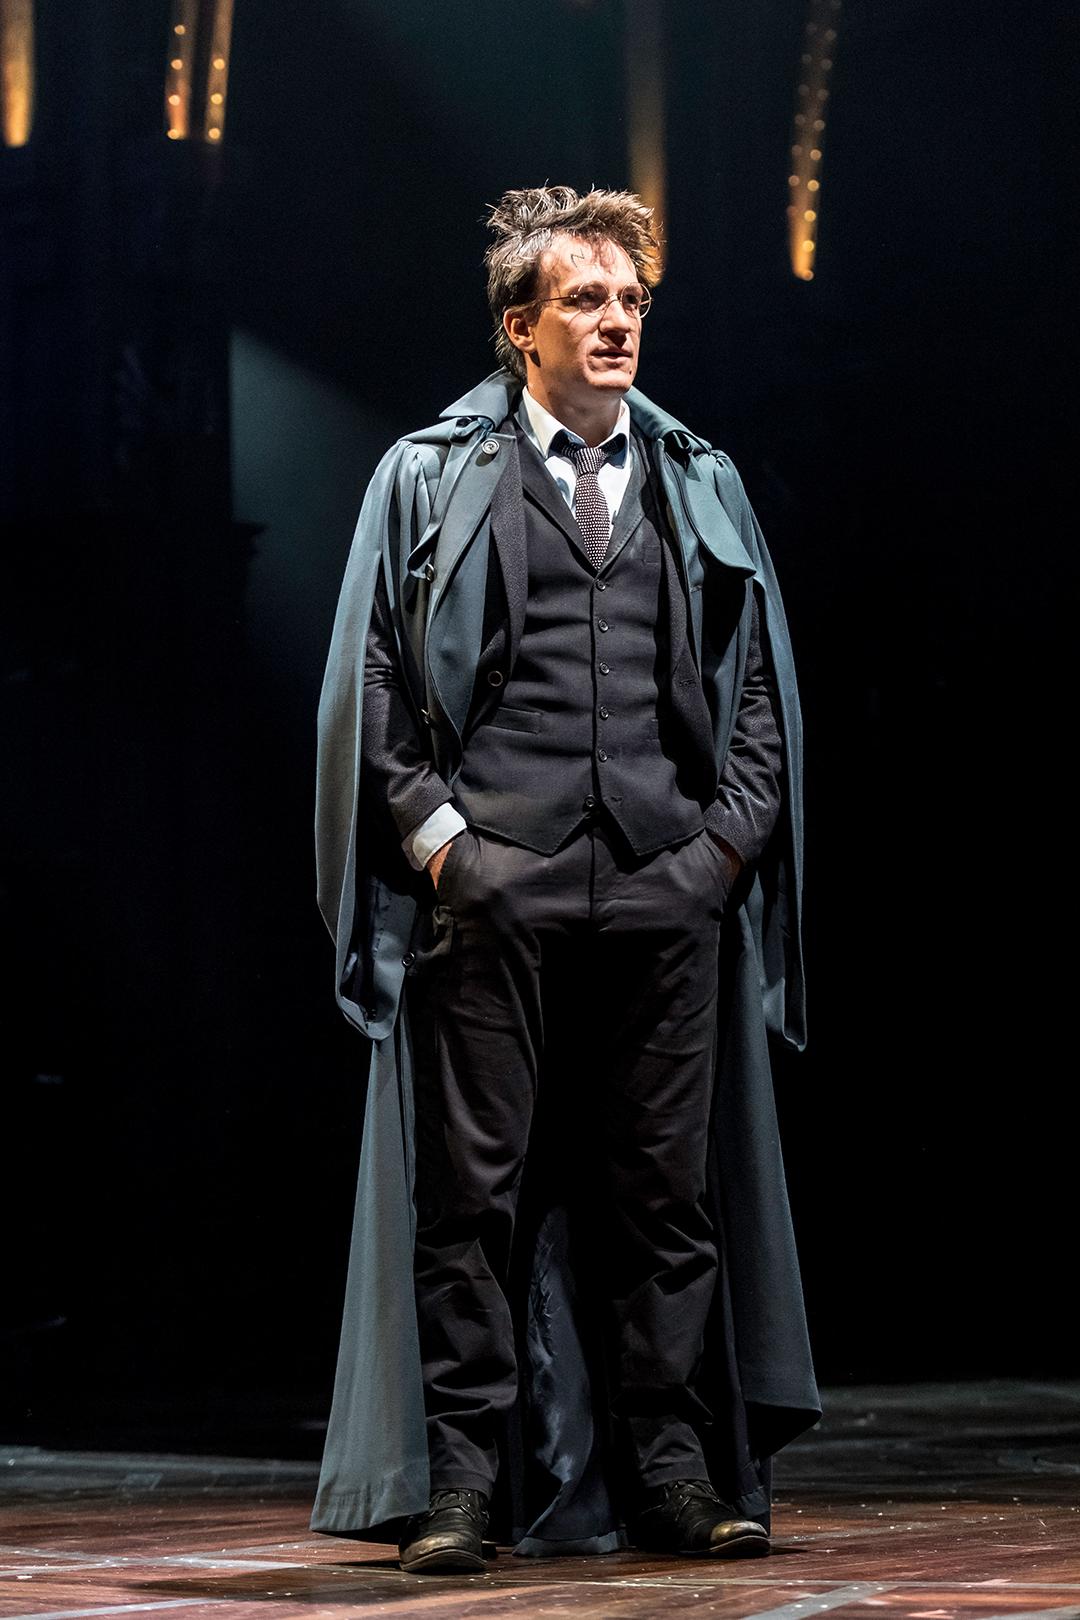 Harry em seu uniforme do Ministério da Magia.